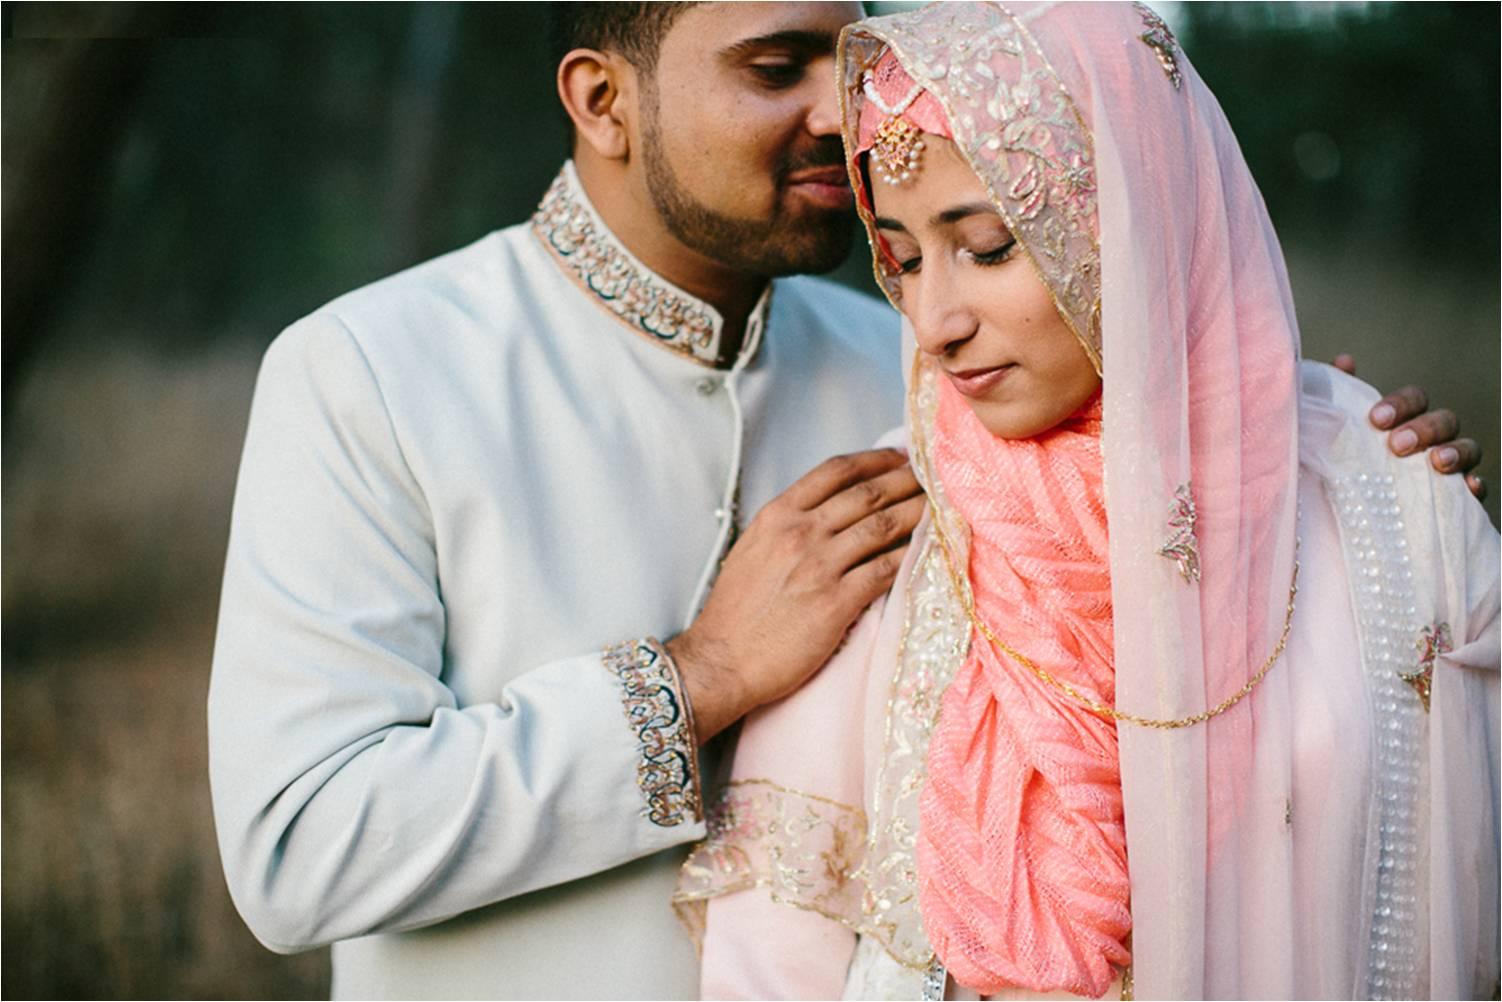 Фото свадеб в исламе